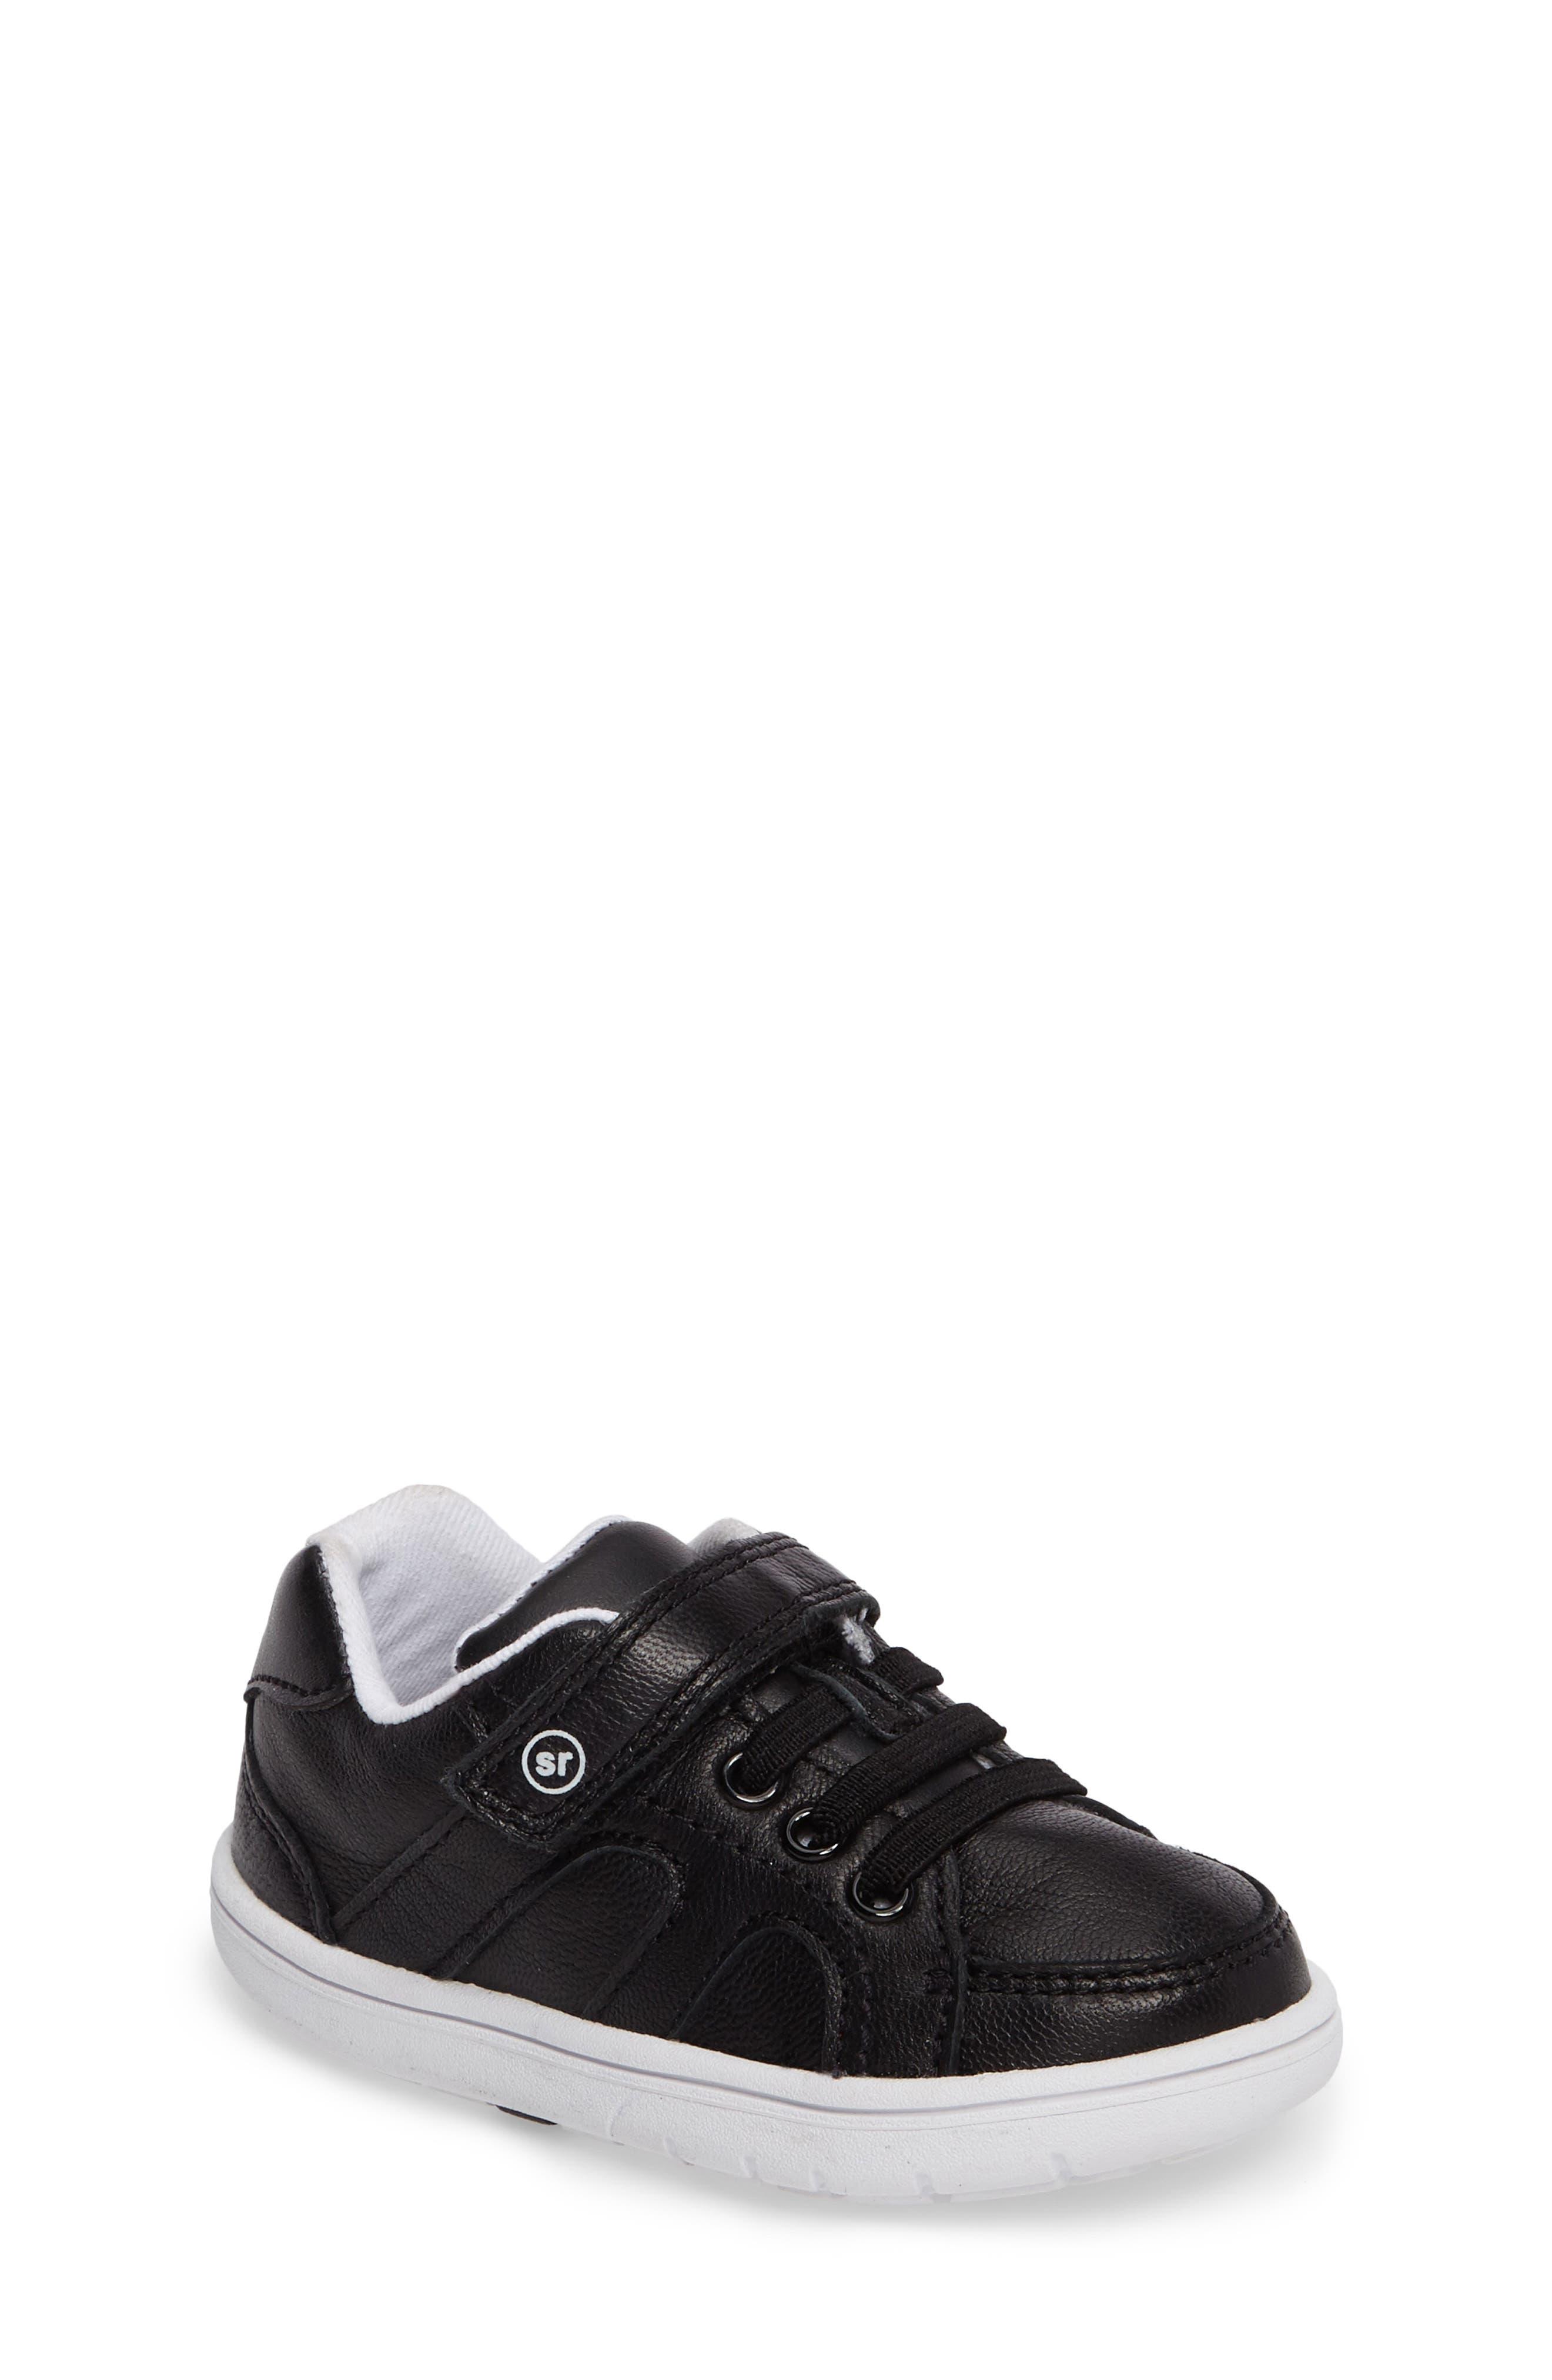 SRT Noe Sneaker,                         Main,                         color, BLACK